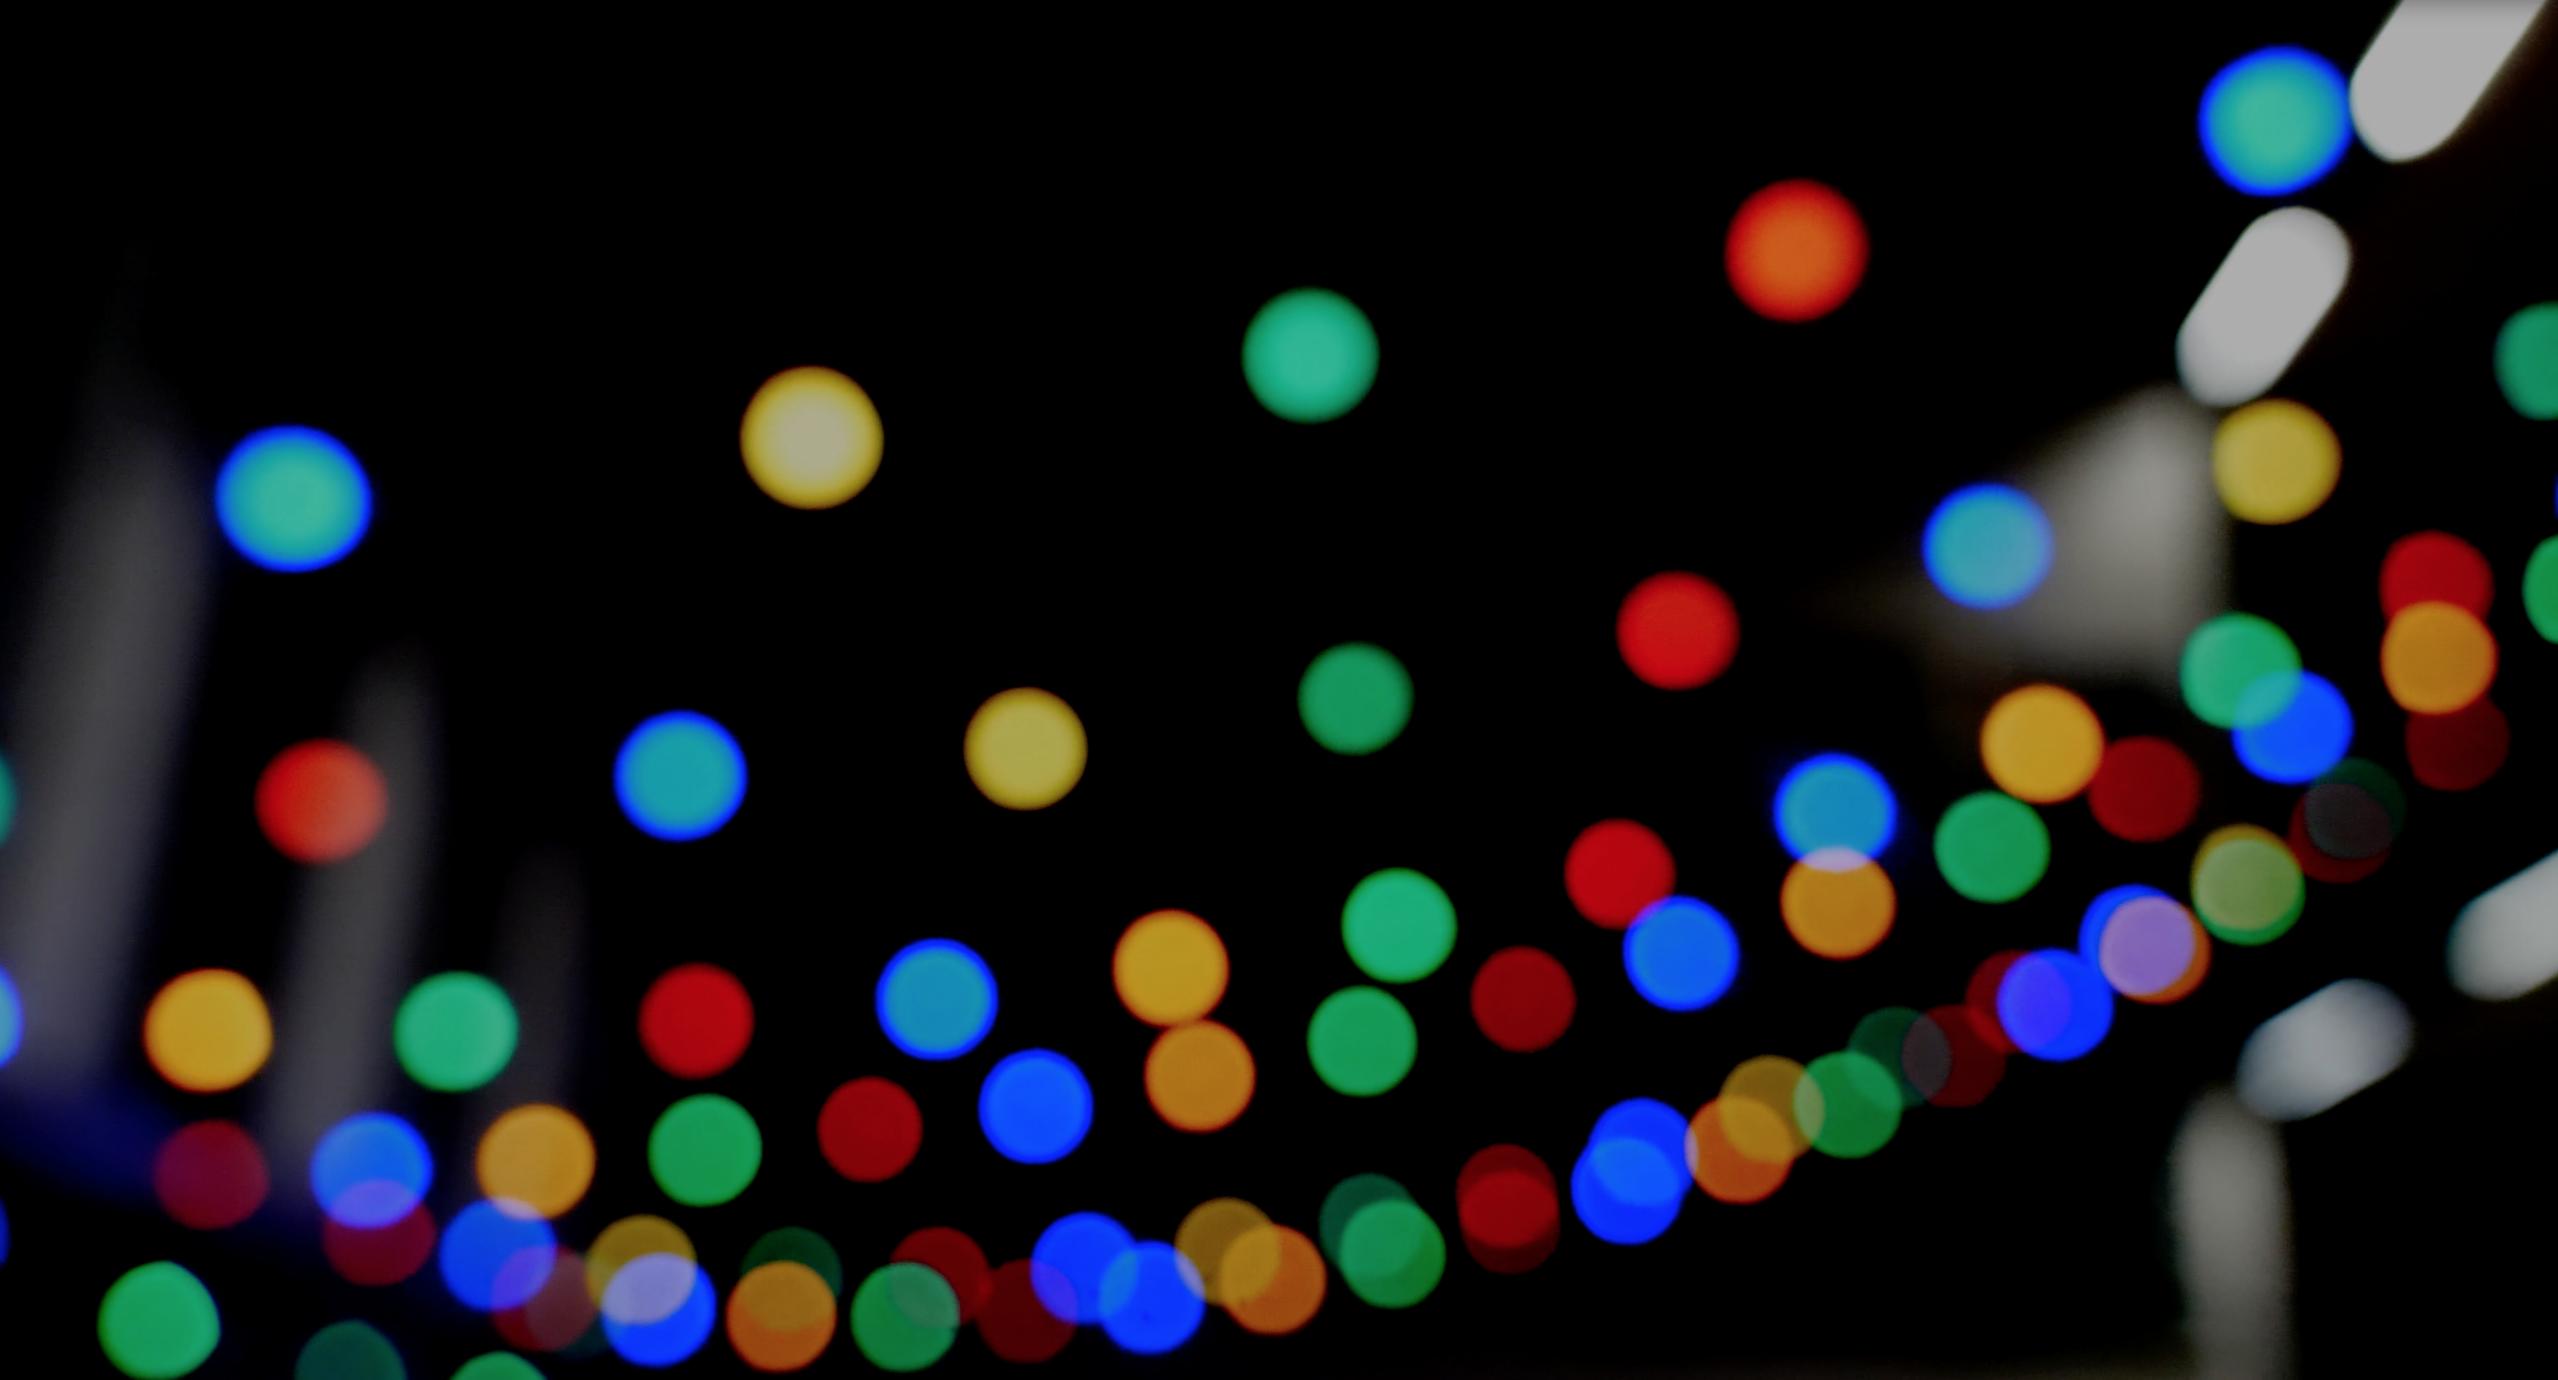 Foto af runde farvede prikker på sort baggrund.